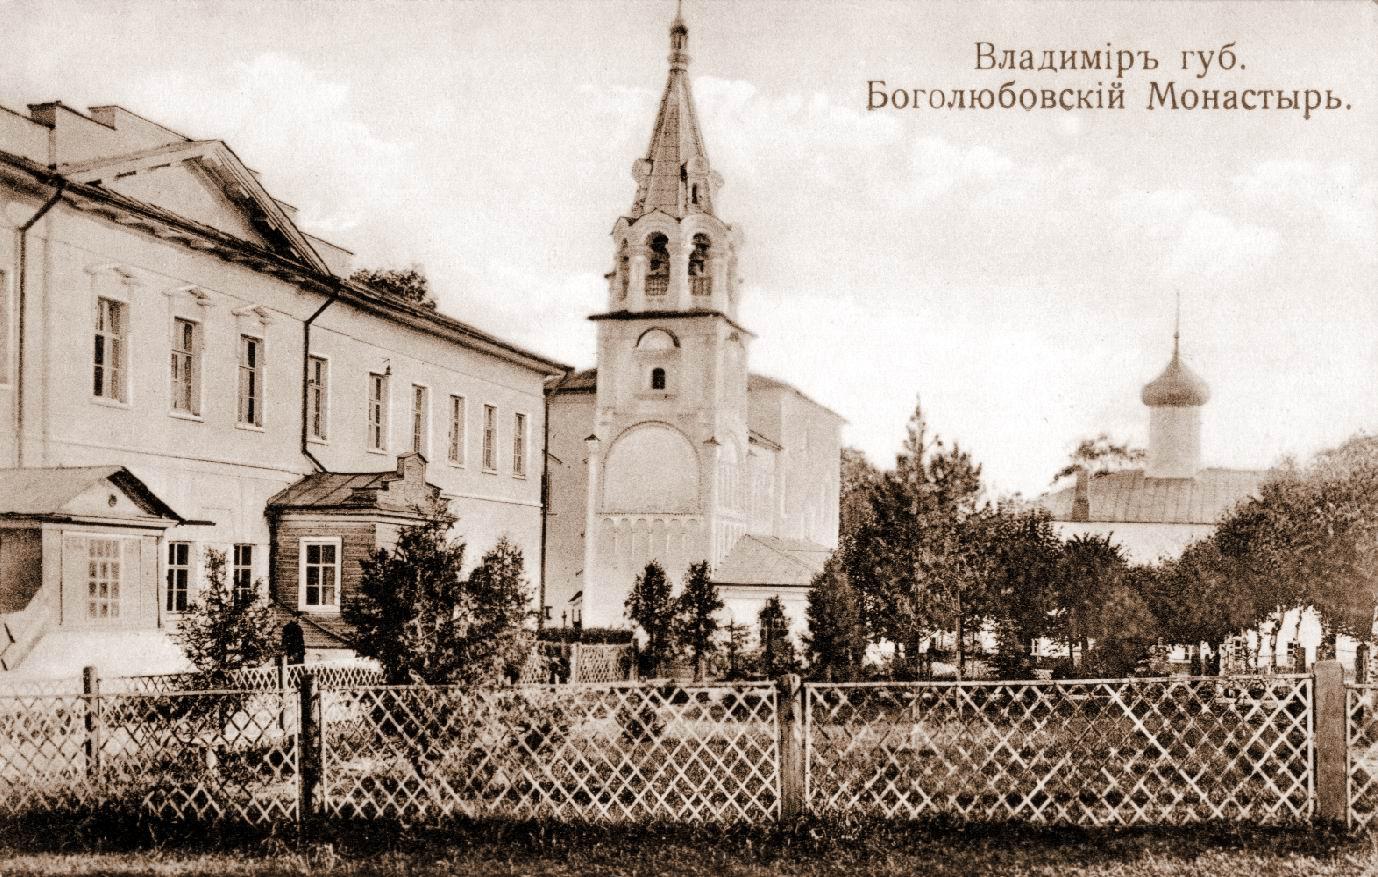 Окрестности Владимира. Село Боголюбово. Боголюбовский монастырь